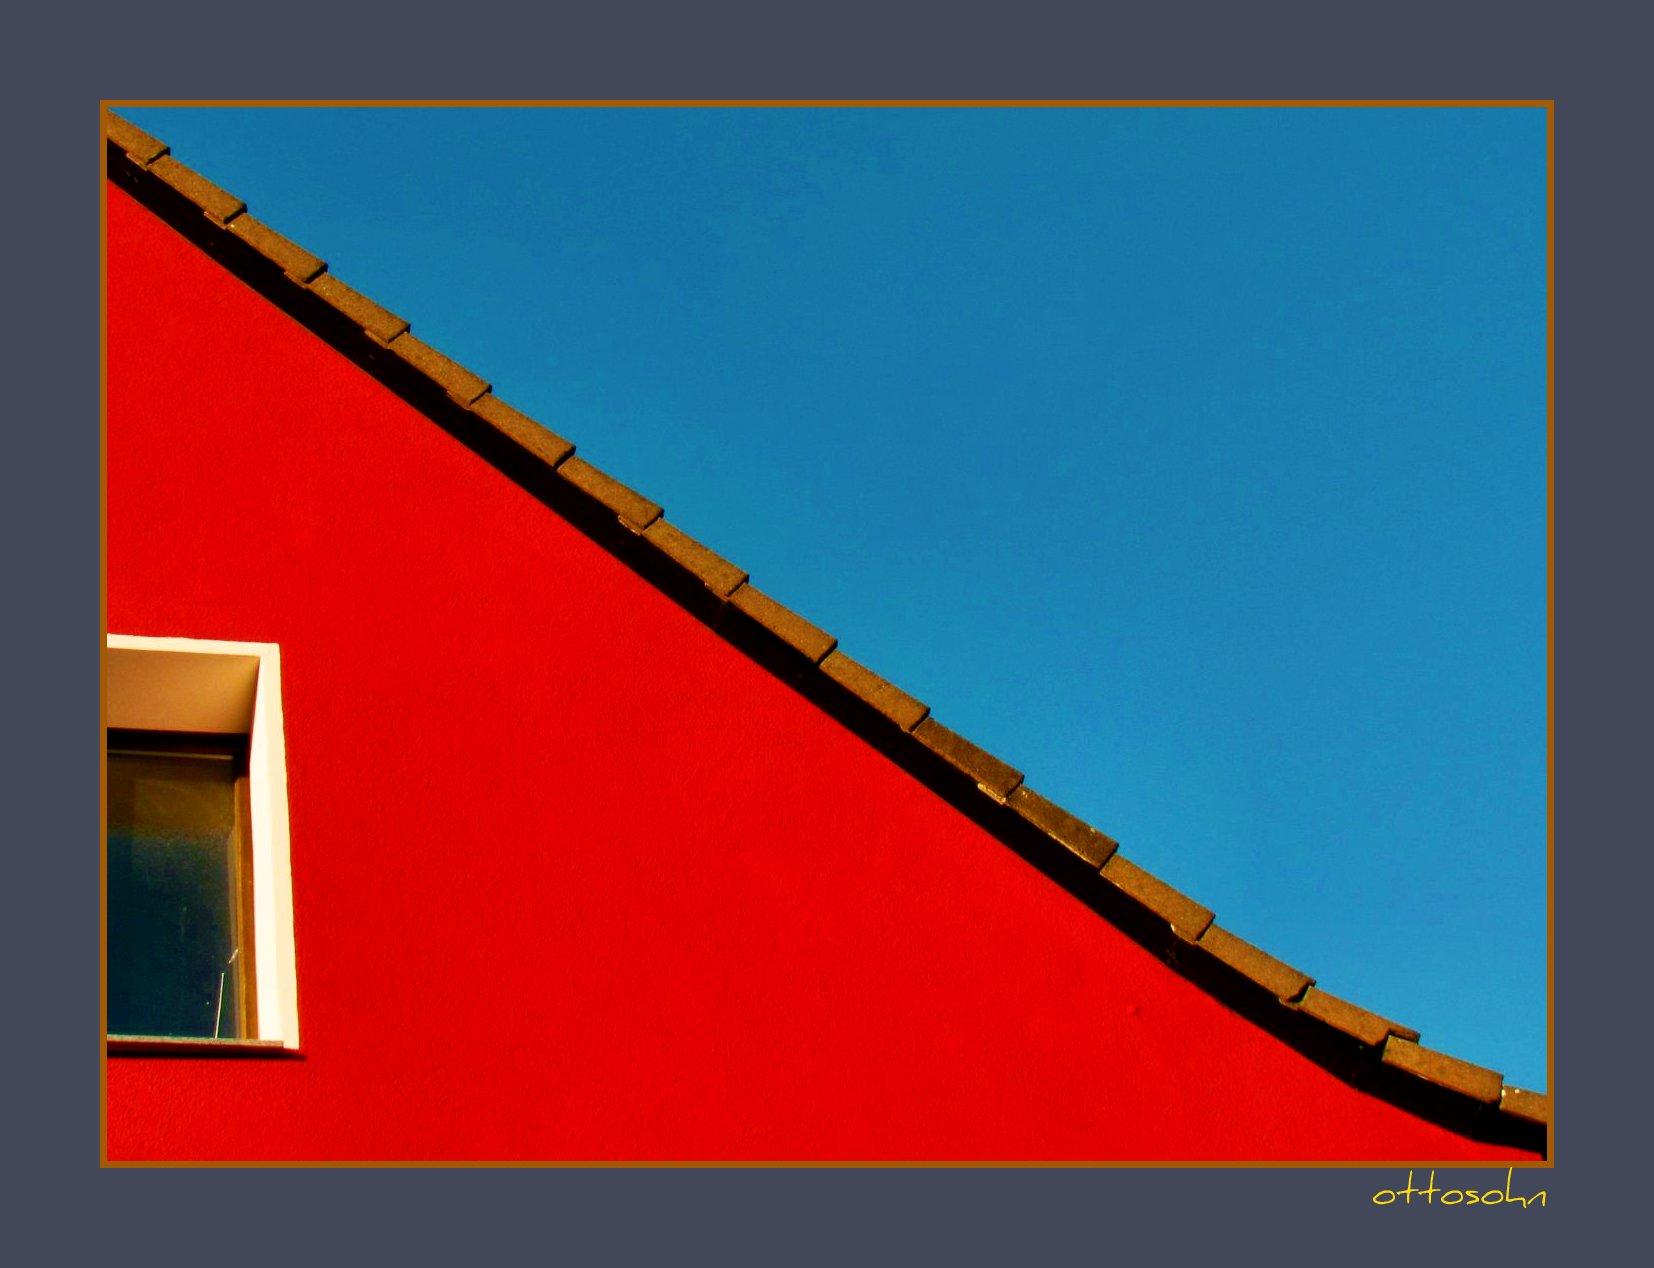 Hintergrundbilder : Blau, Dach, Himmel, Haus, Farbe, Verrotten, Fenster,  Mauer, Deutschland, Formen, Rot Und Blau, Oberflächen, Renovierung,  Fassade, ...